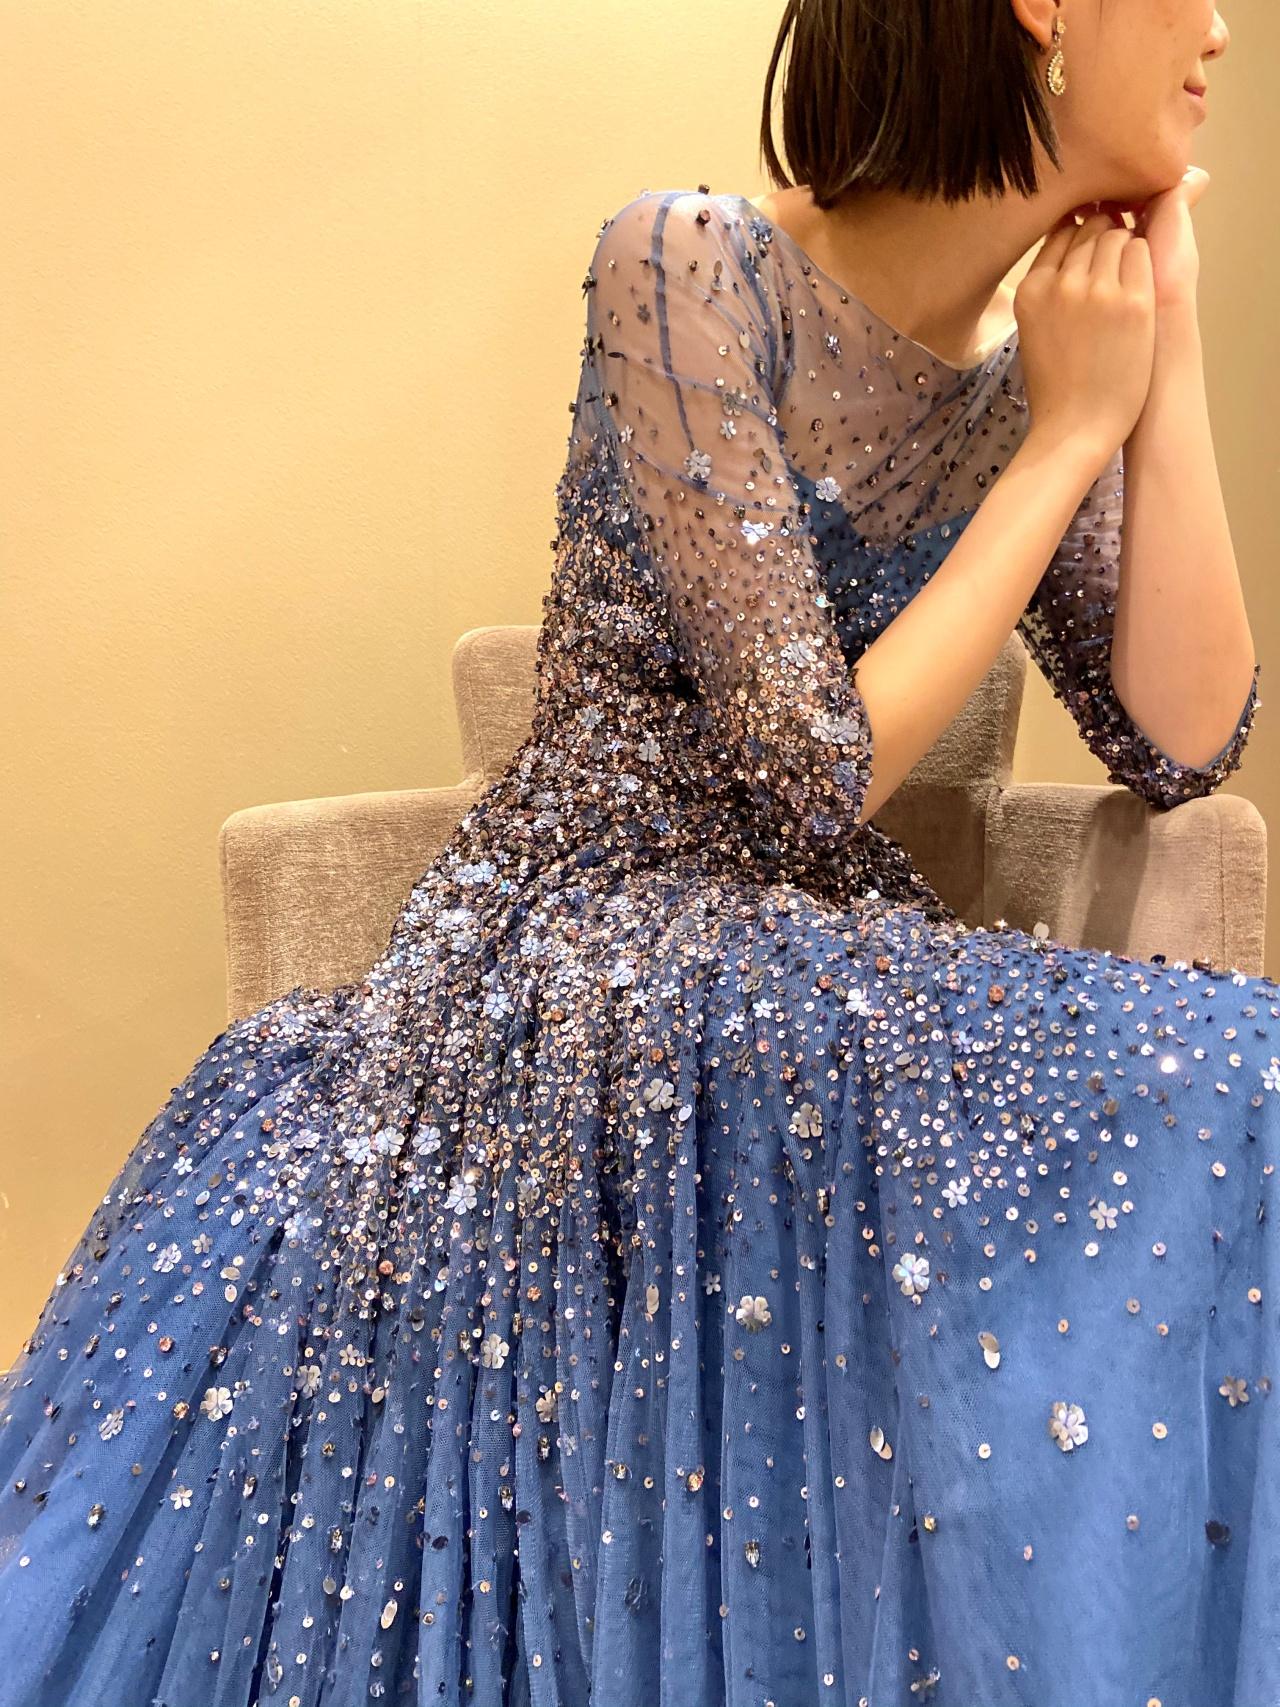 ソファ席にもおすすめの、ラグジュアリー感あるビーディングが美しいカラードレス